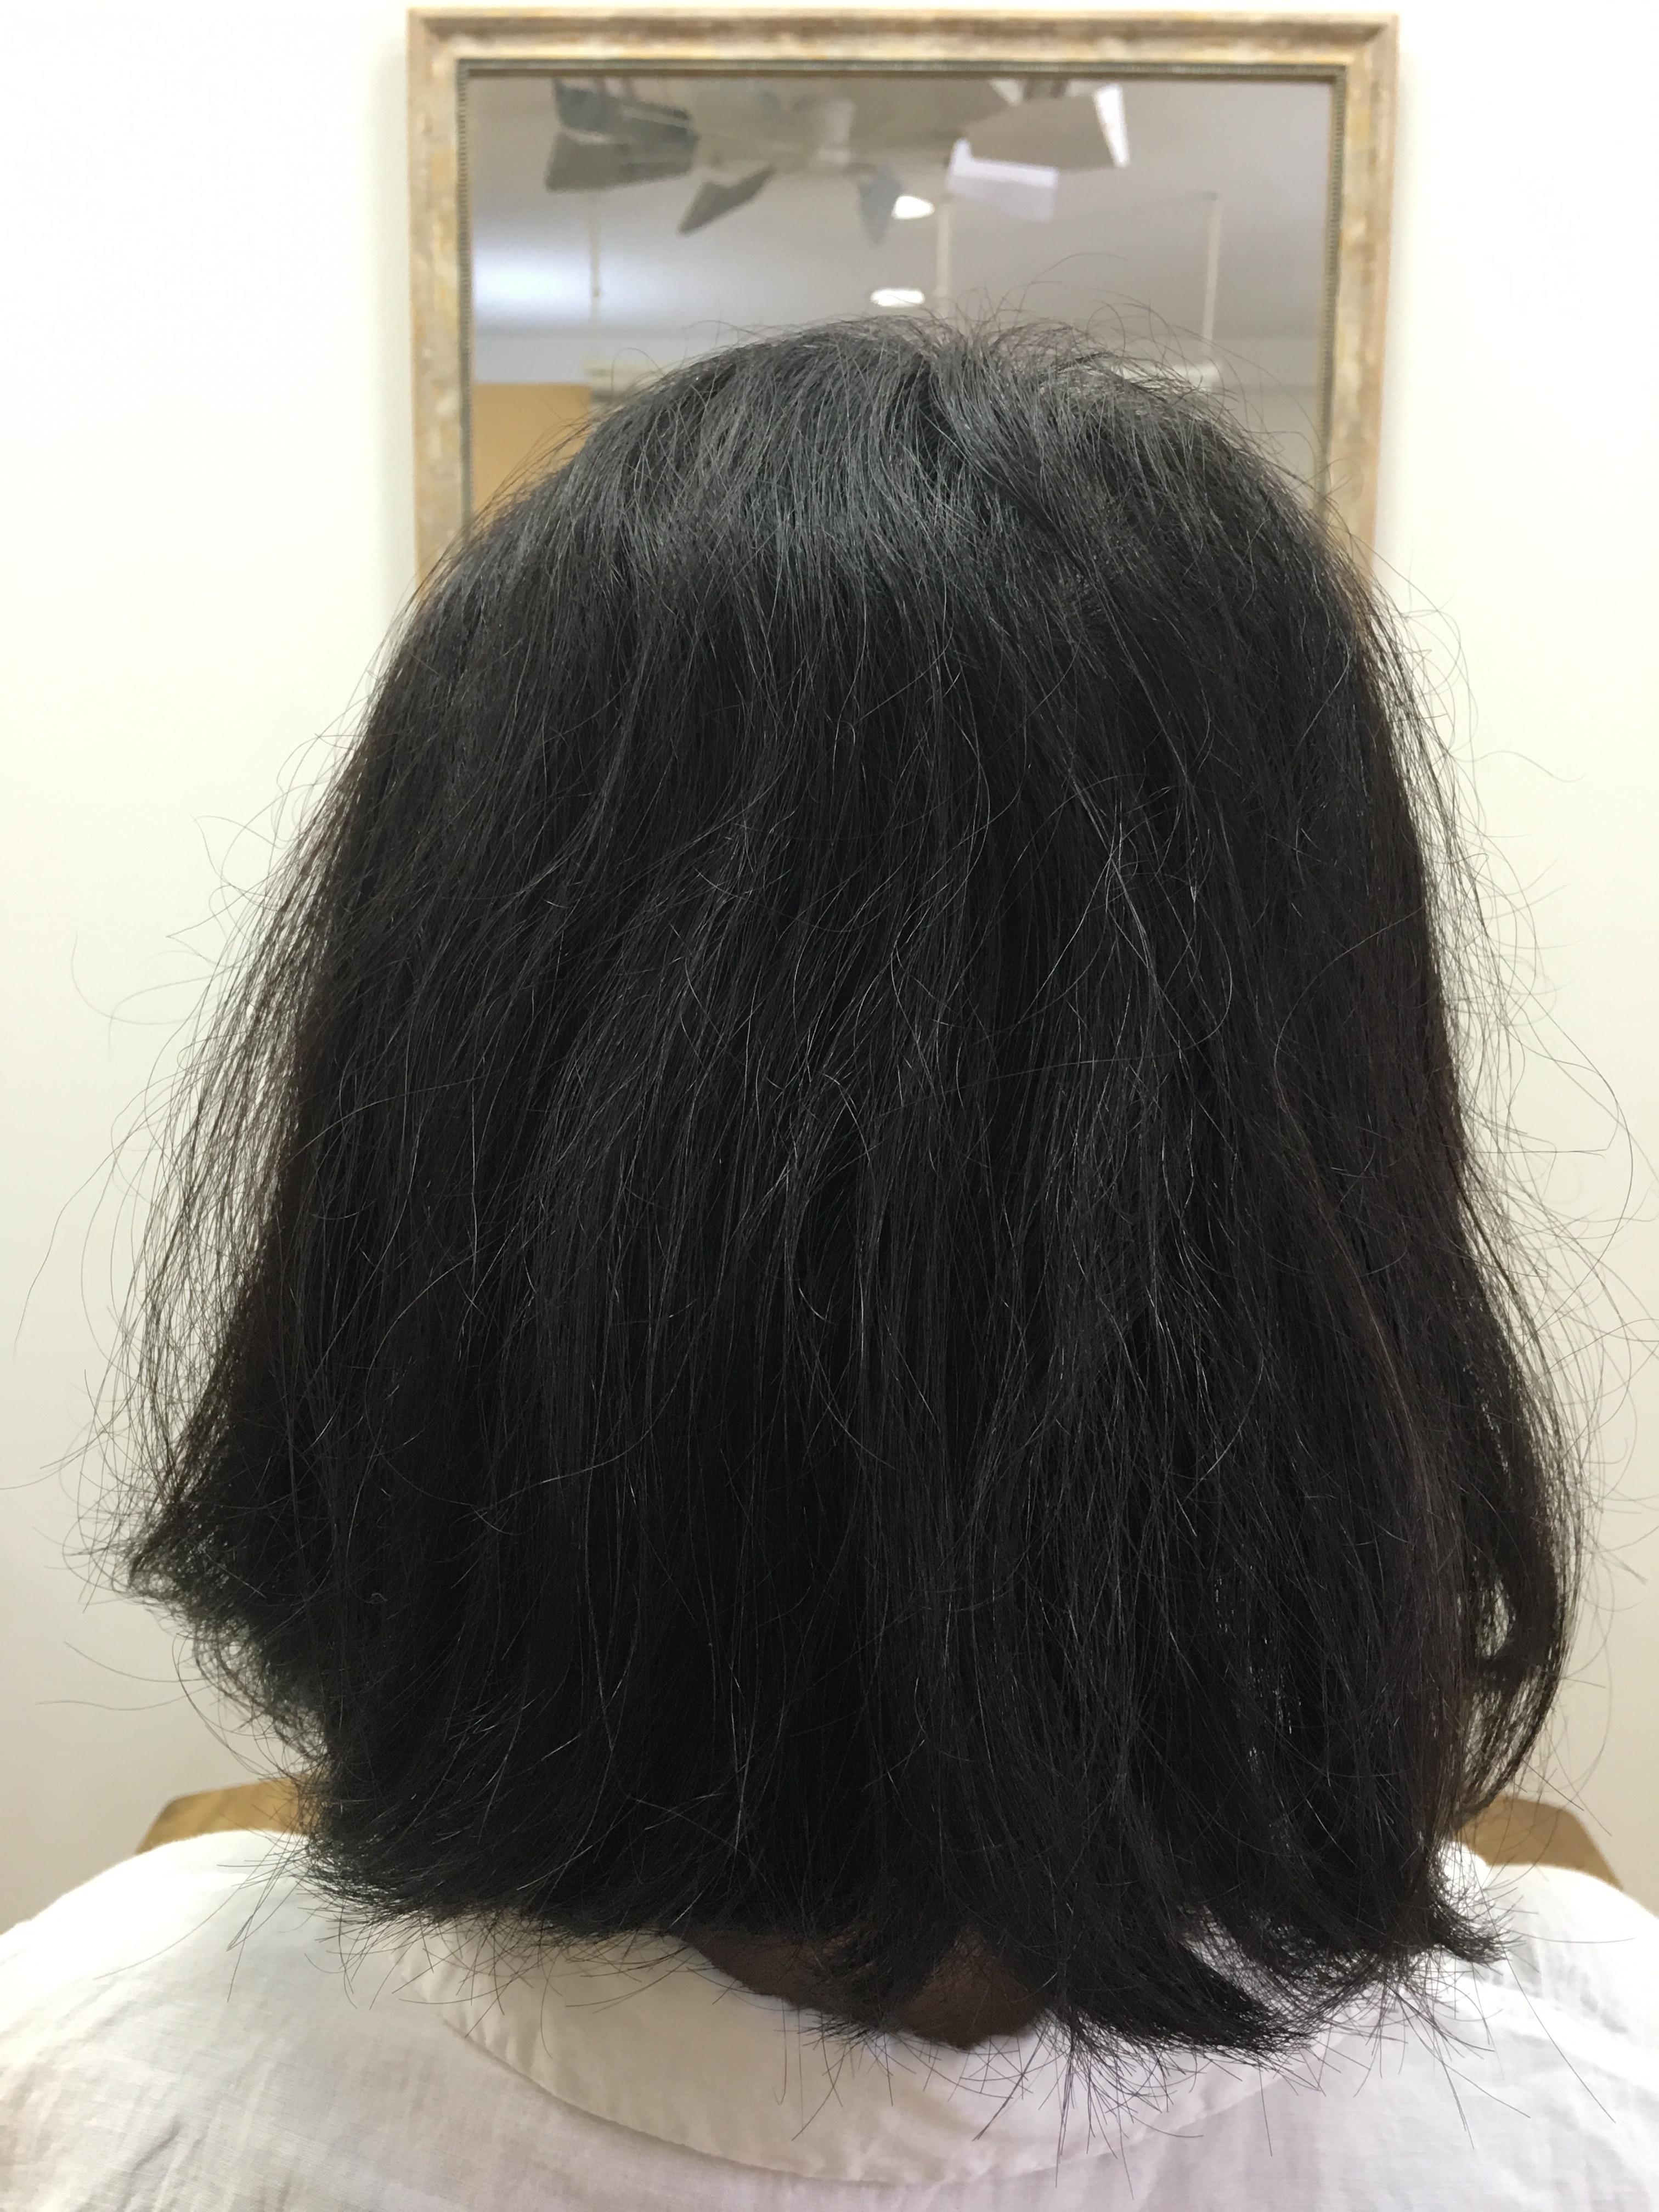 デザインする縮毛矯正〜髪質改善・縮毛矯正・トリートメント〜